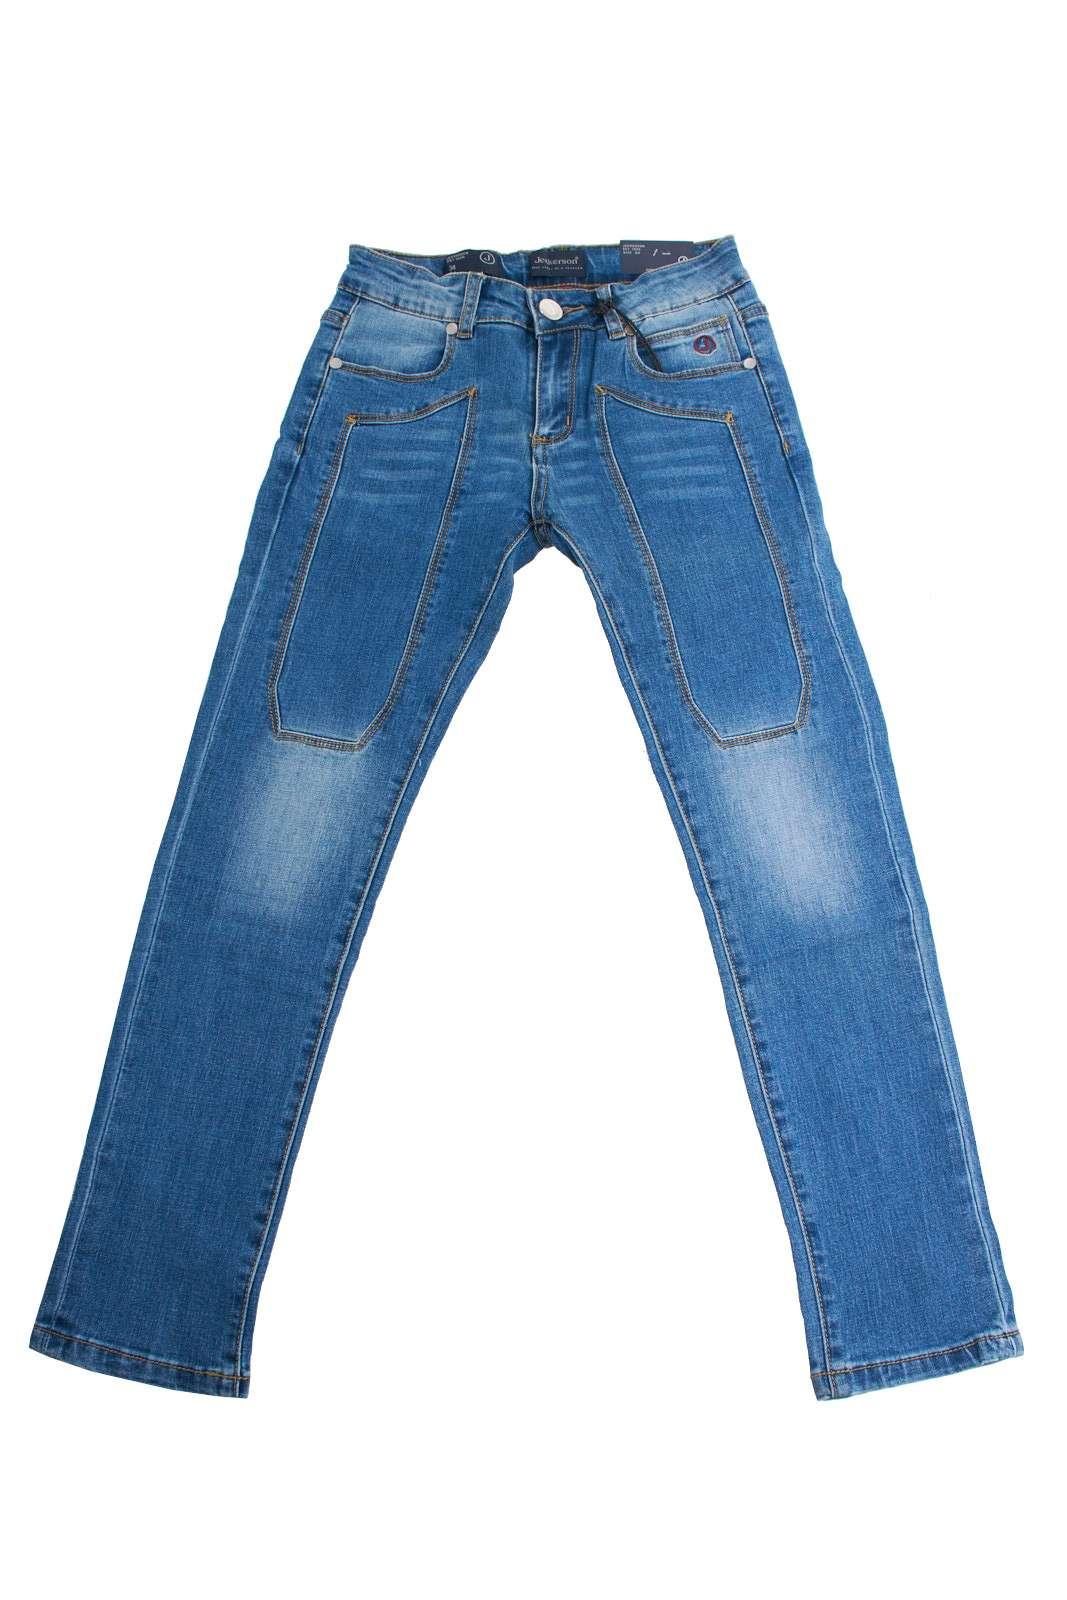 Un jeans classico, comodo e di stile quello firmato Jeckerson per il tuo bambino. Perfetto per la scuola, e le altre attività, facile da abbinare, per la gioia dei più grandi.